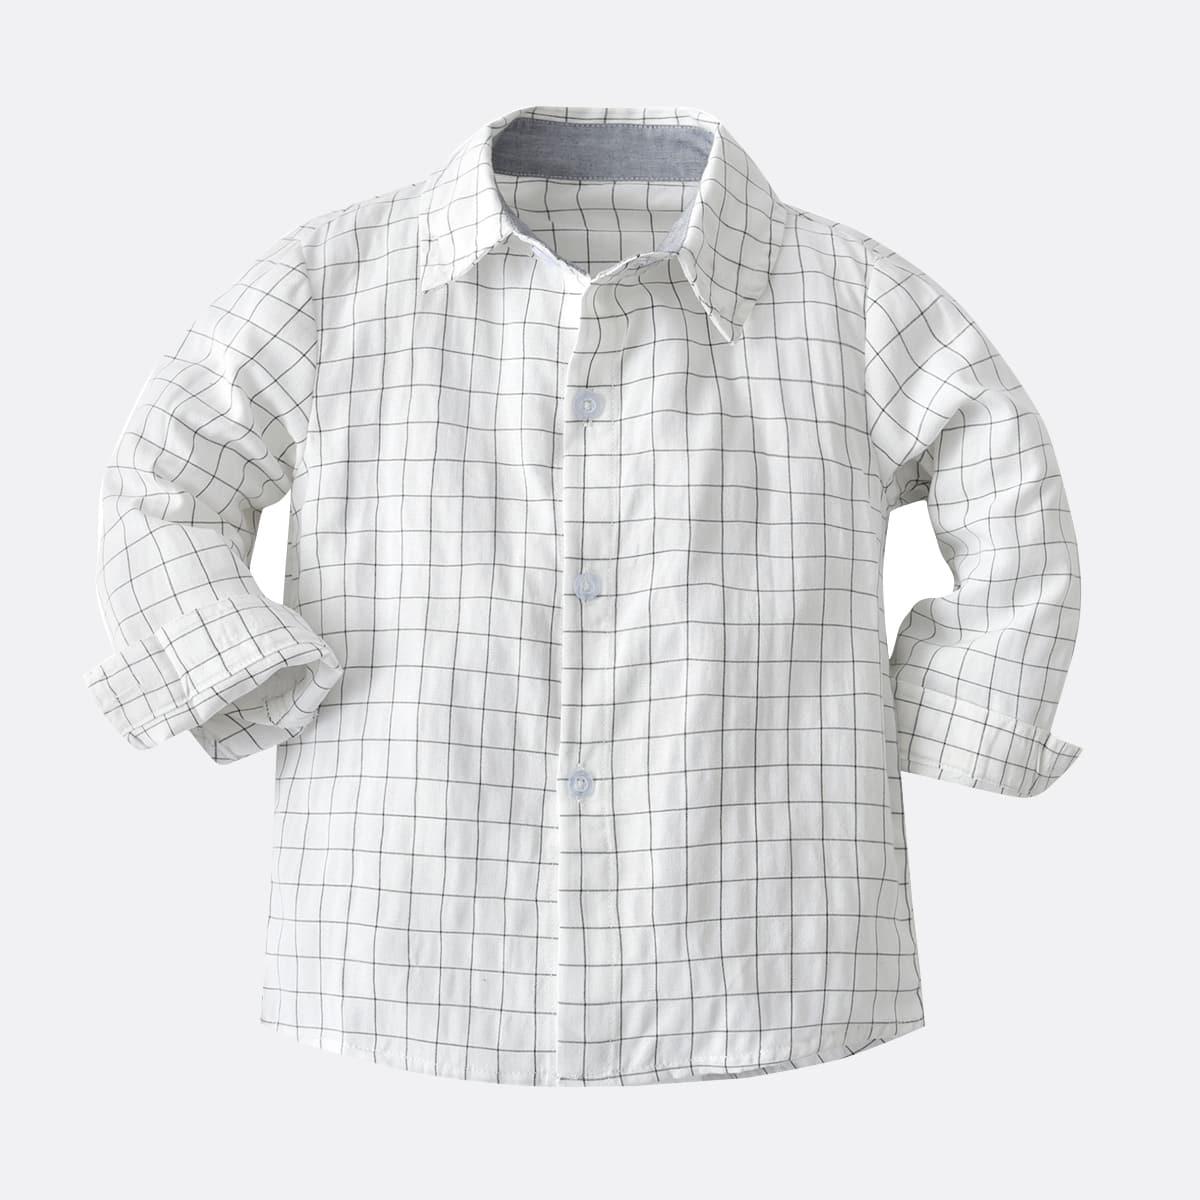 Рубашка с принтом на оконном стекле для мальчиков